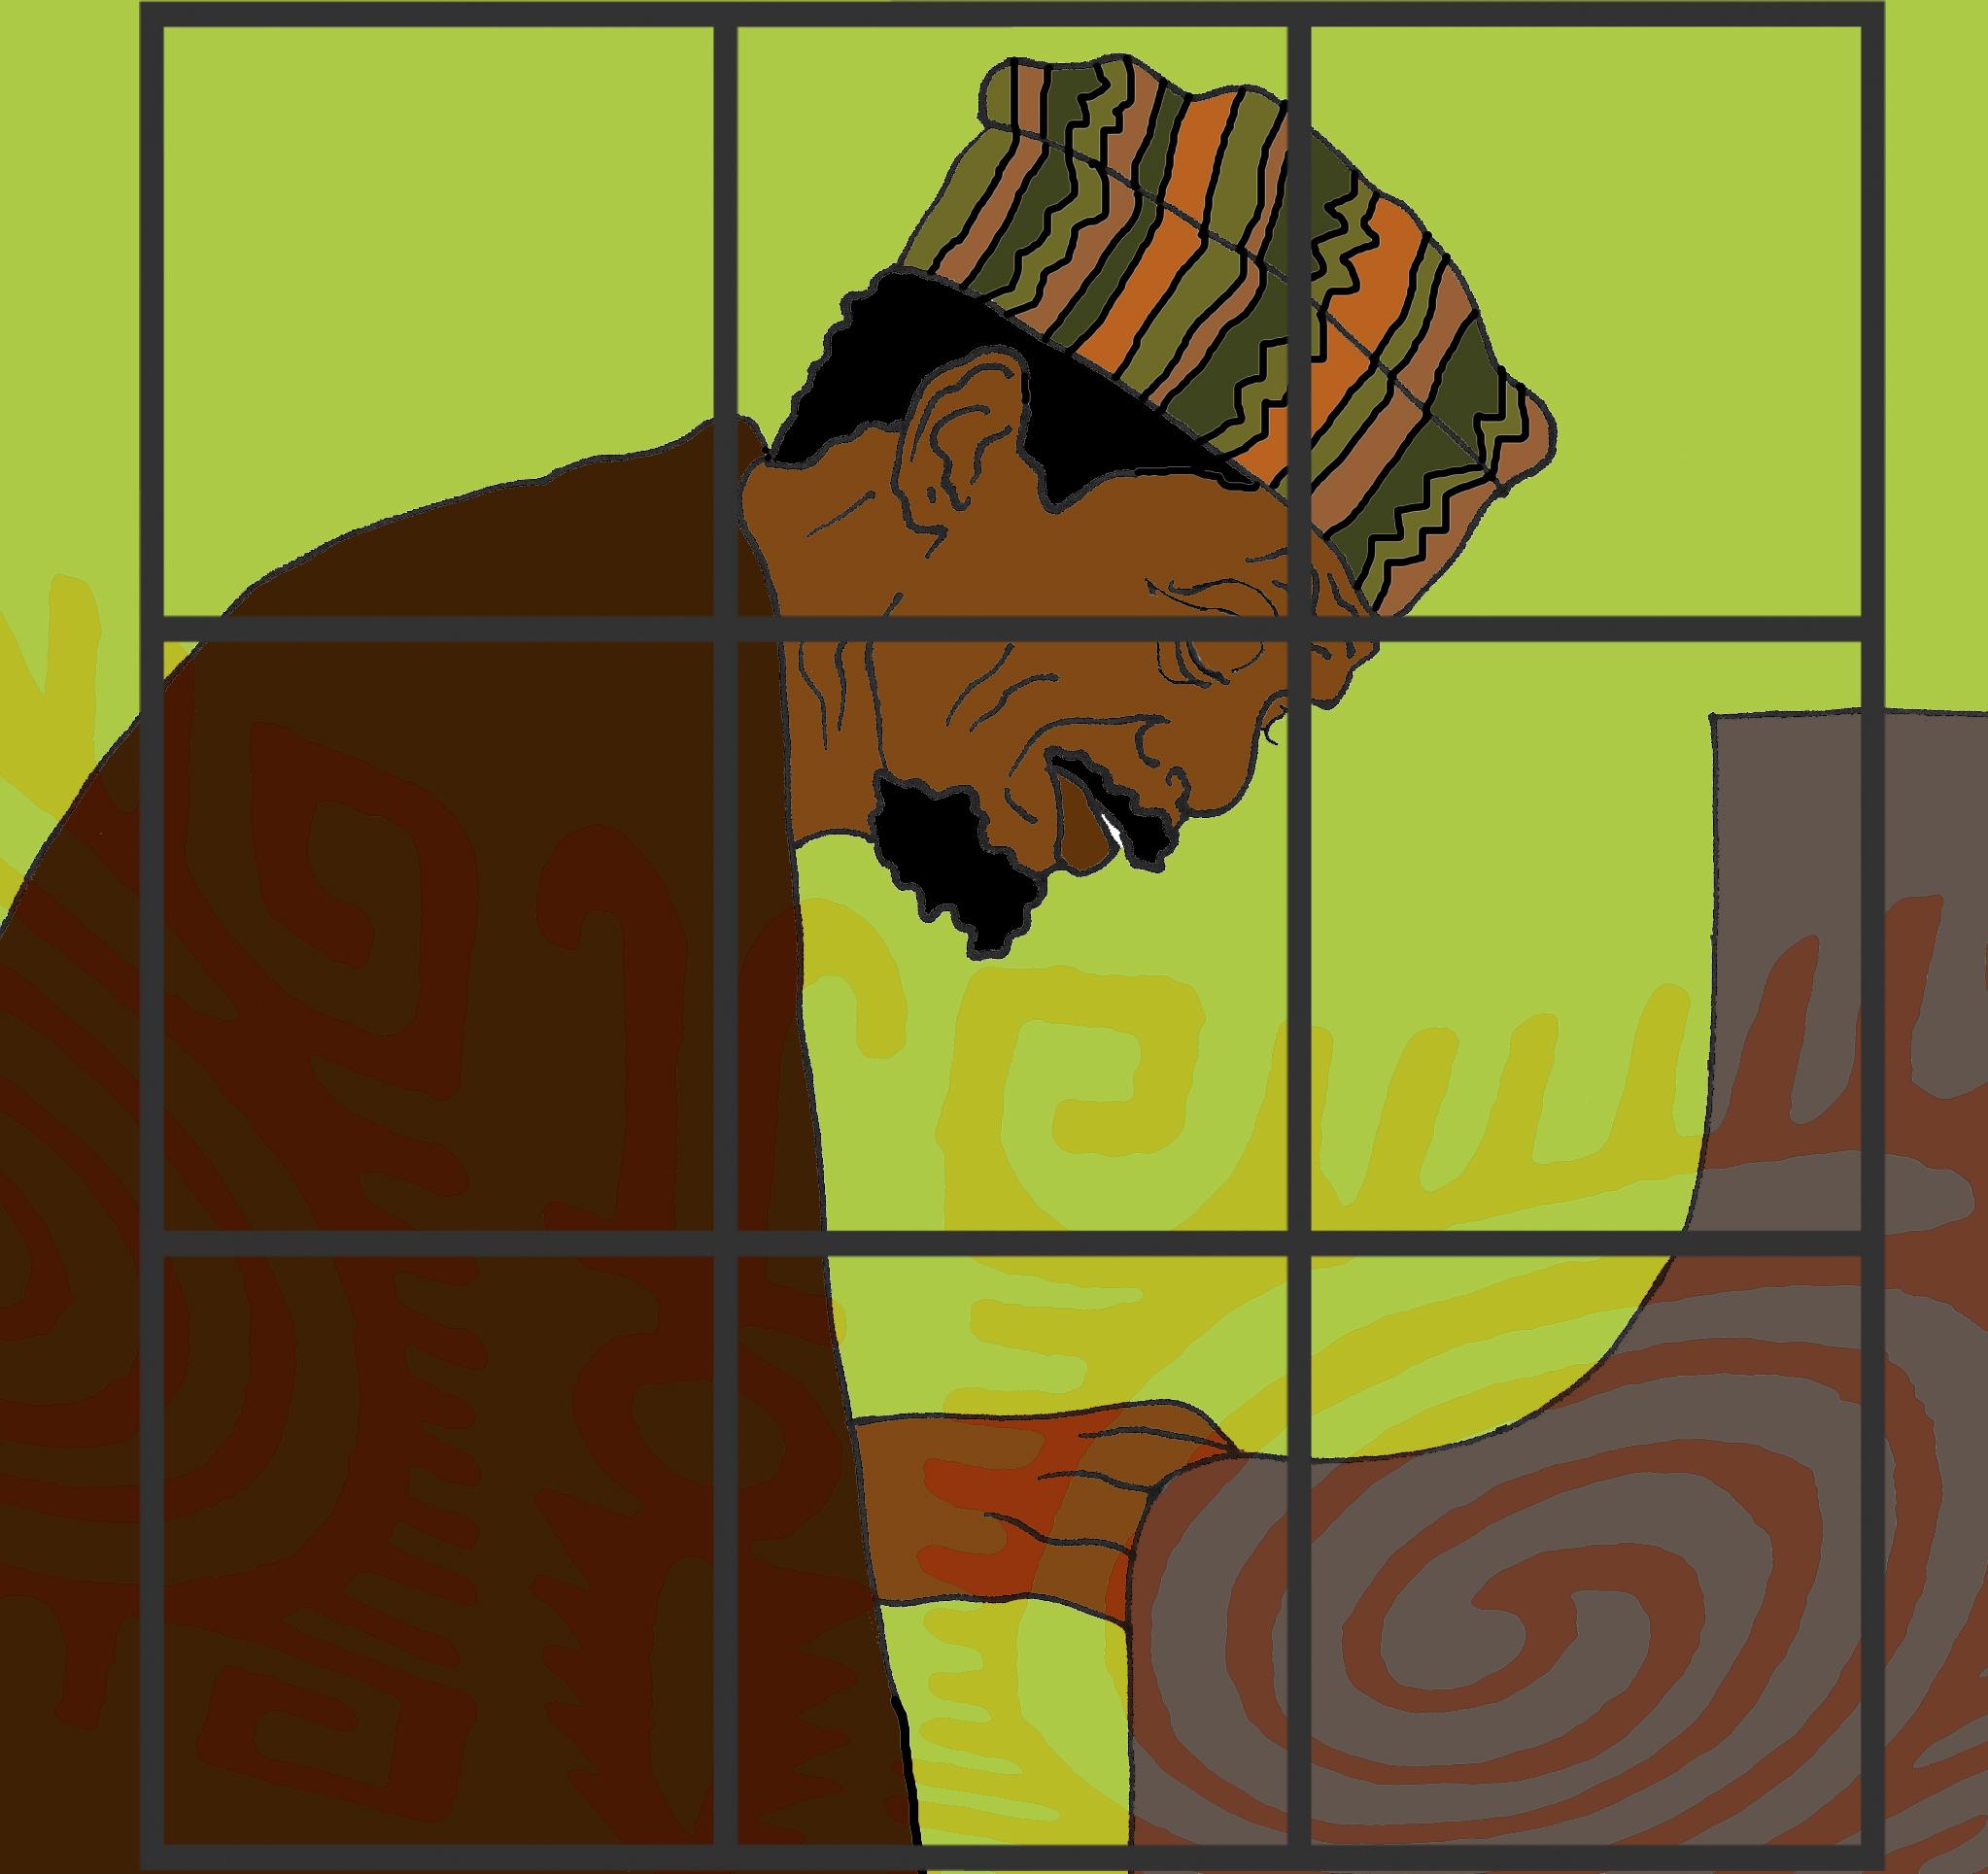 Horace Tapscott 4_16_15_crop_tiles